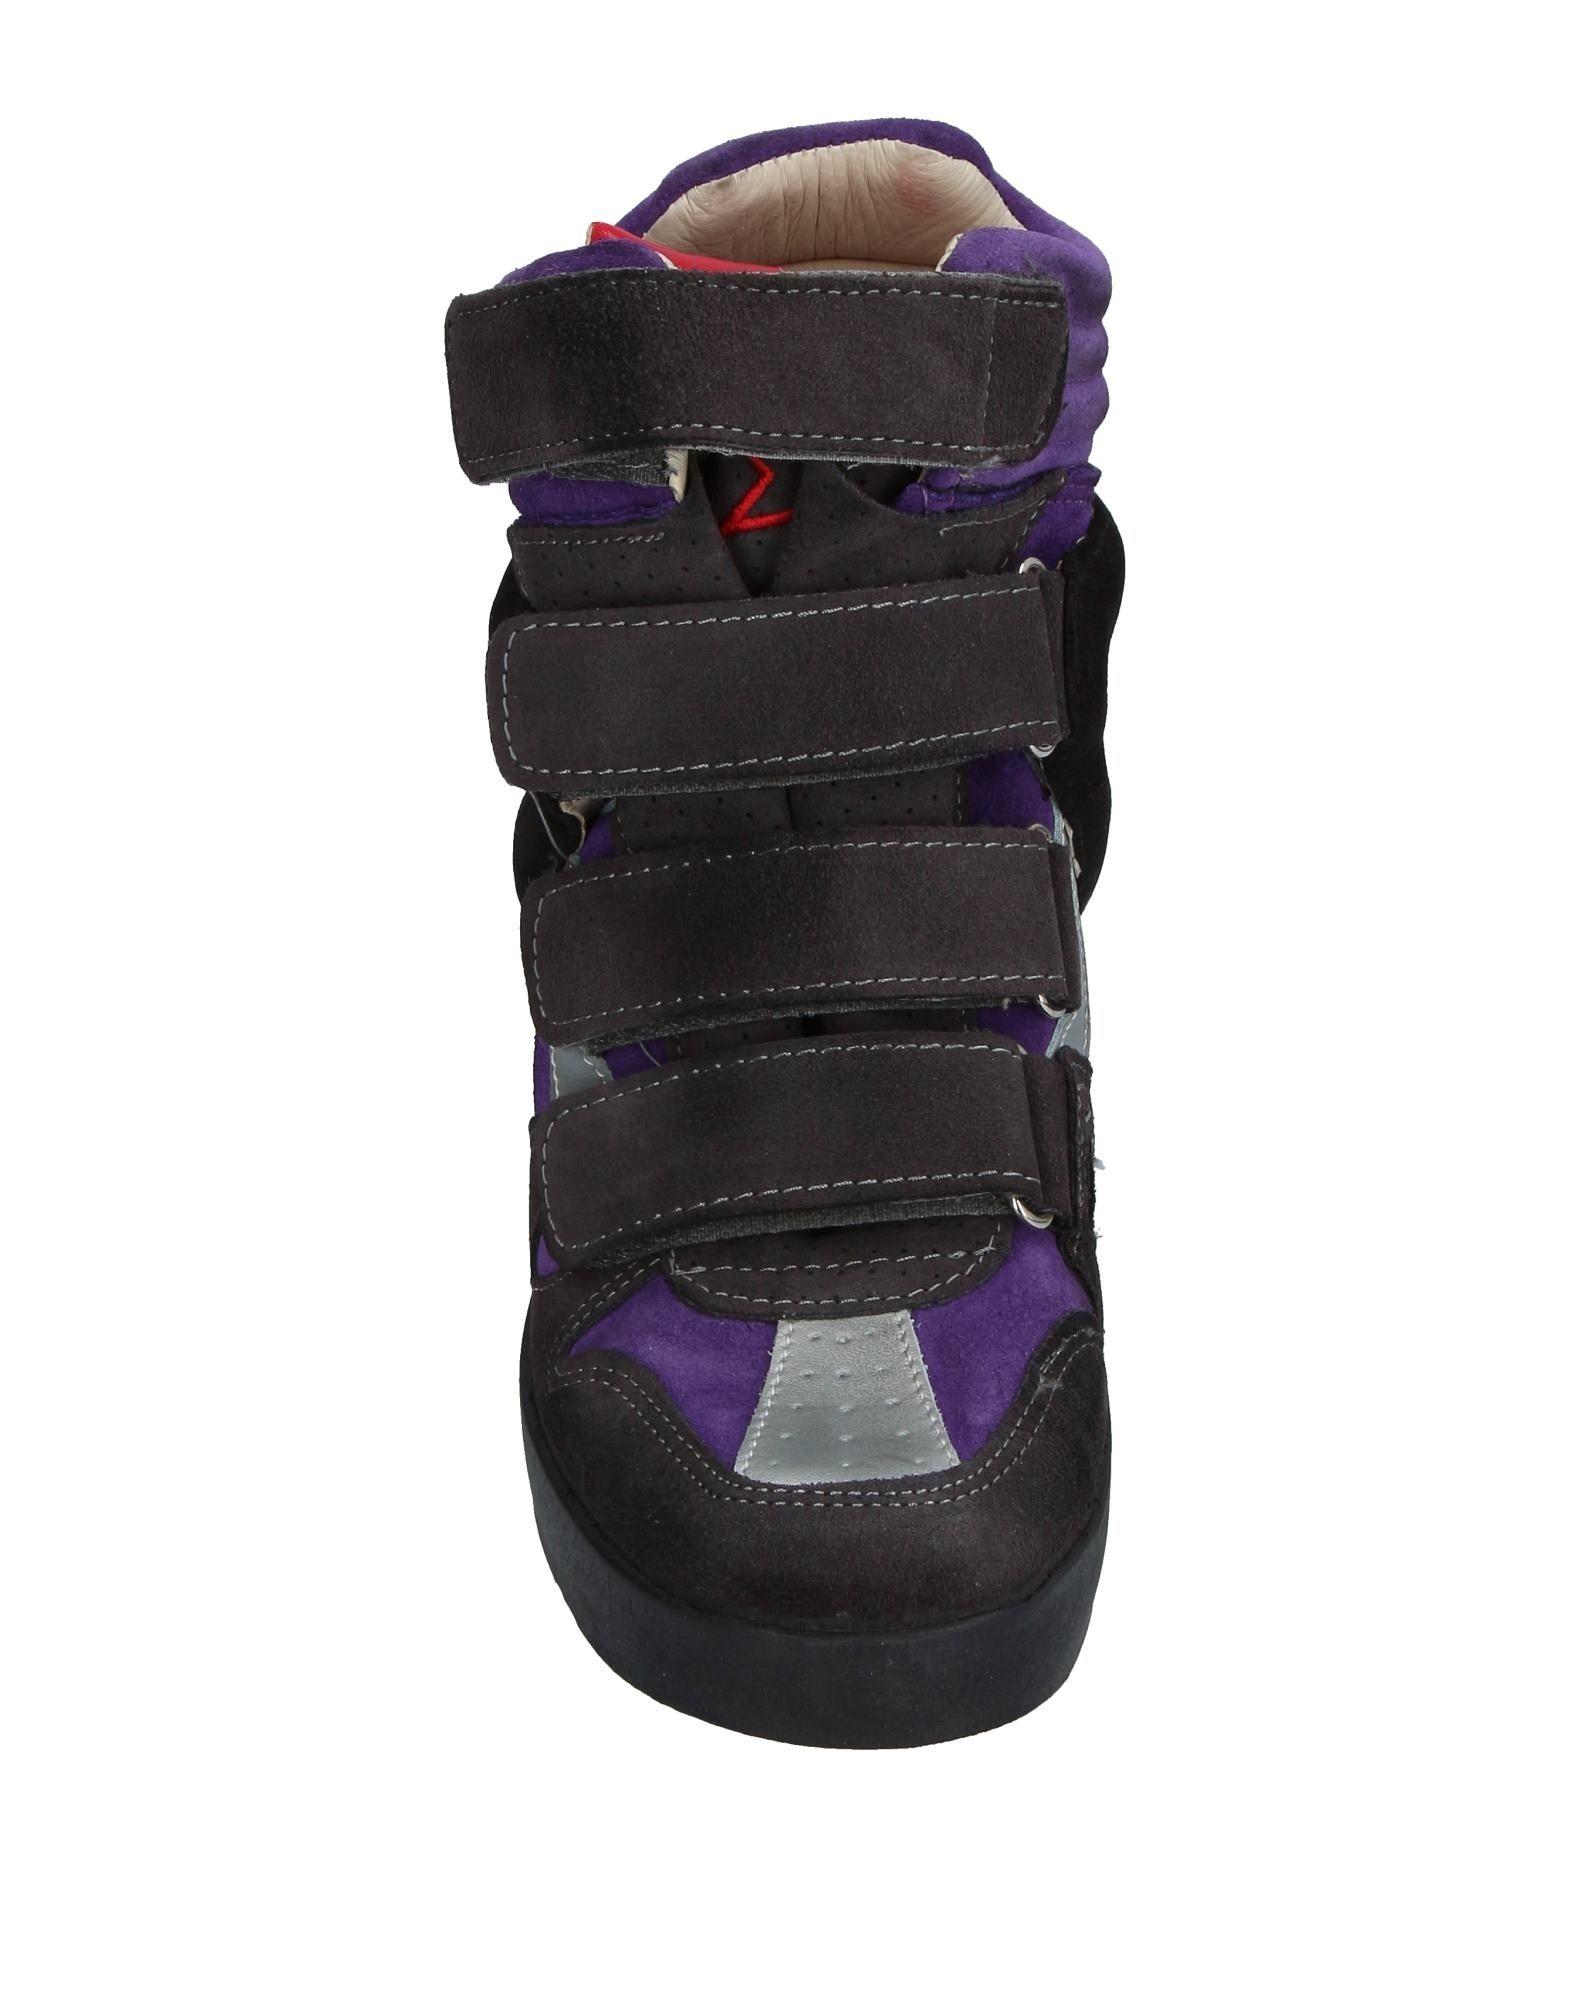 Ishikawa Sneakers Damen Damen Sneakers  11227173TA  e1971e